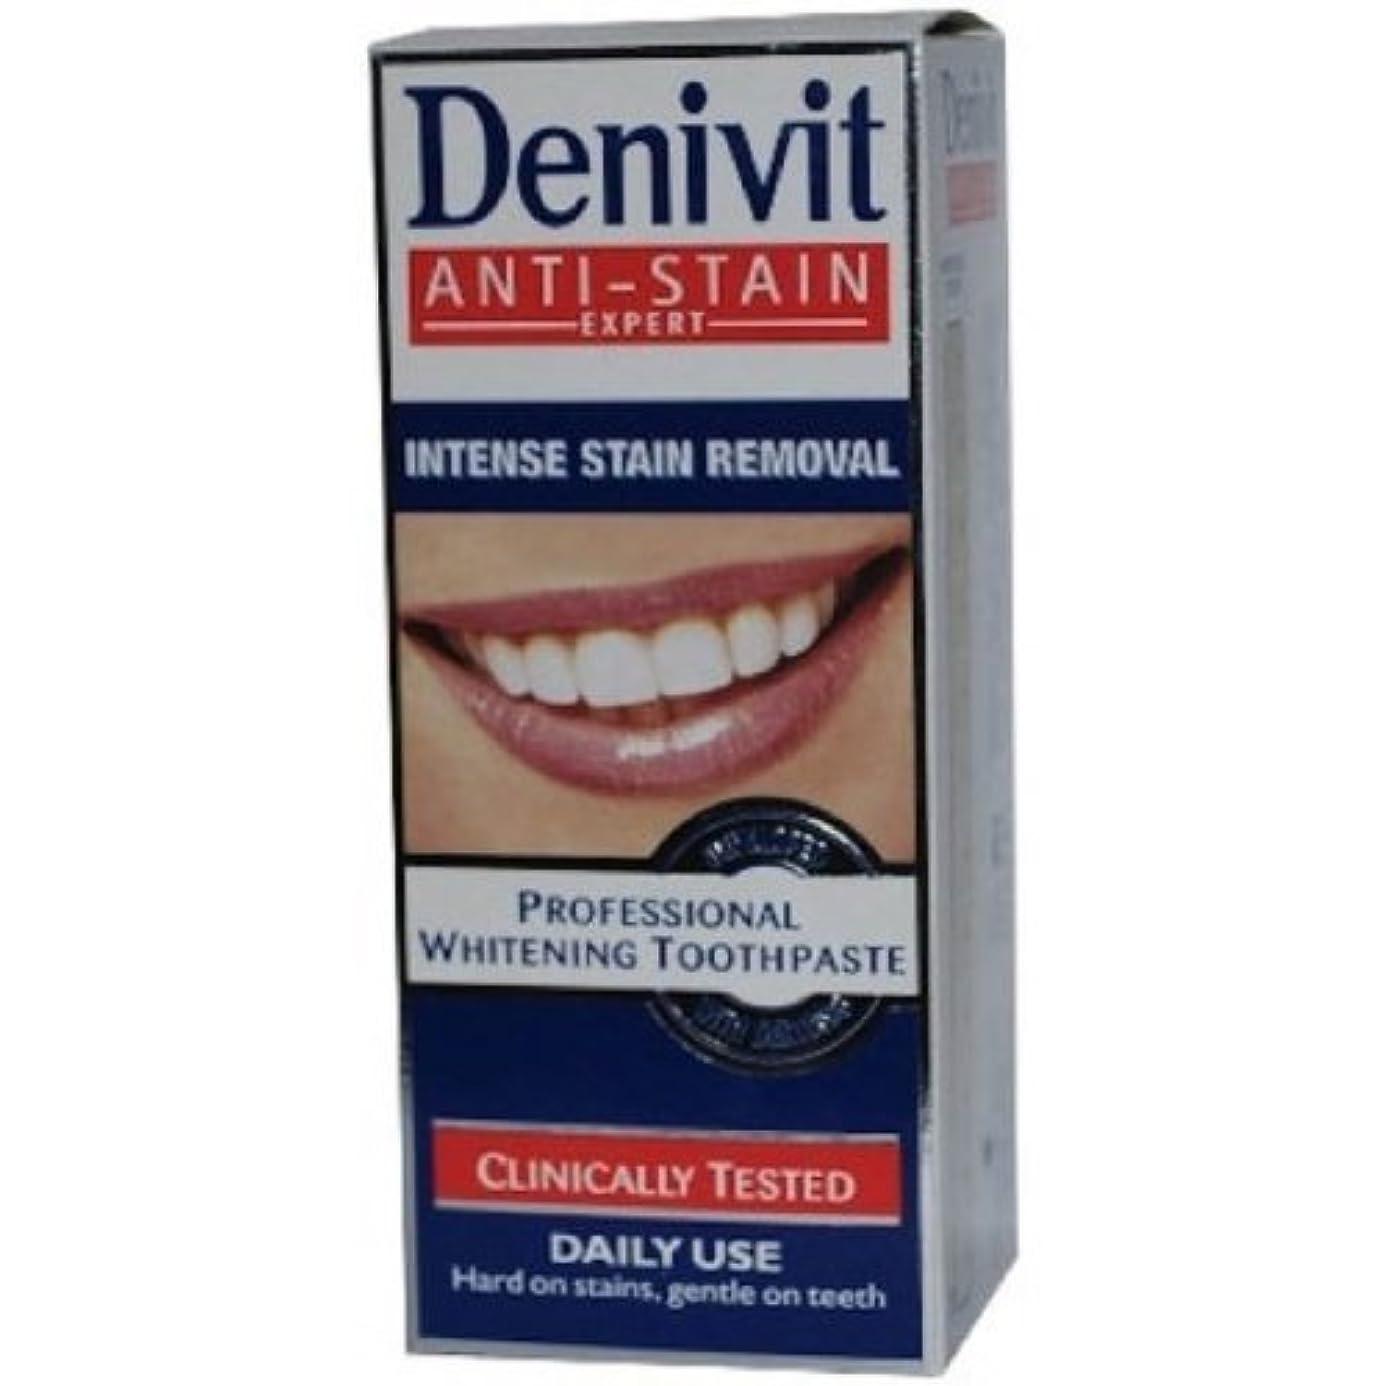 ラジウム最高スイス人Denivit Professional Whitening Toothpaste - 50Ml - Pack Of 2 by Denivit